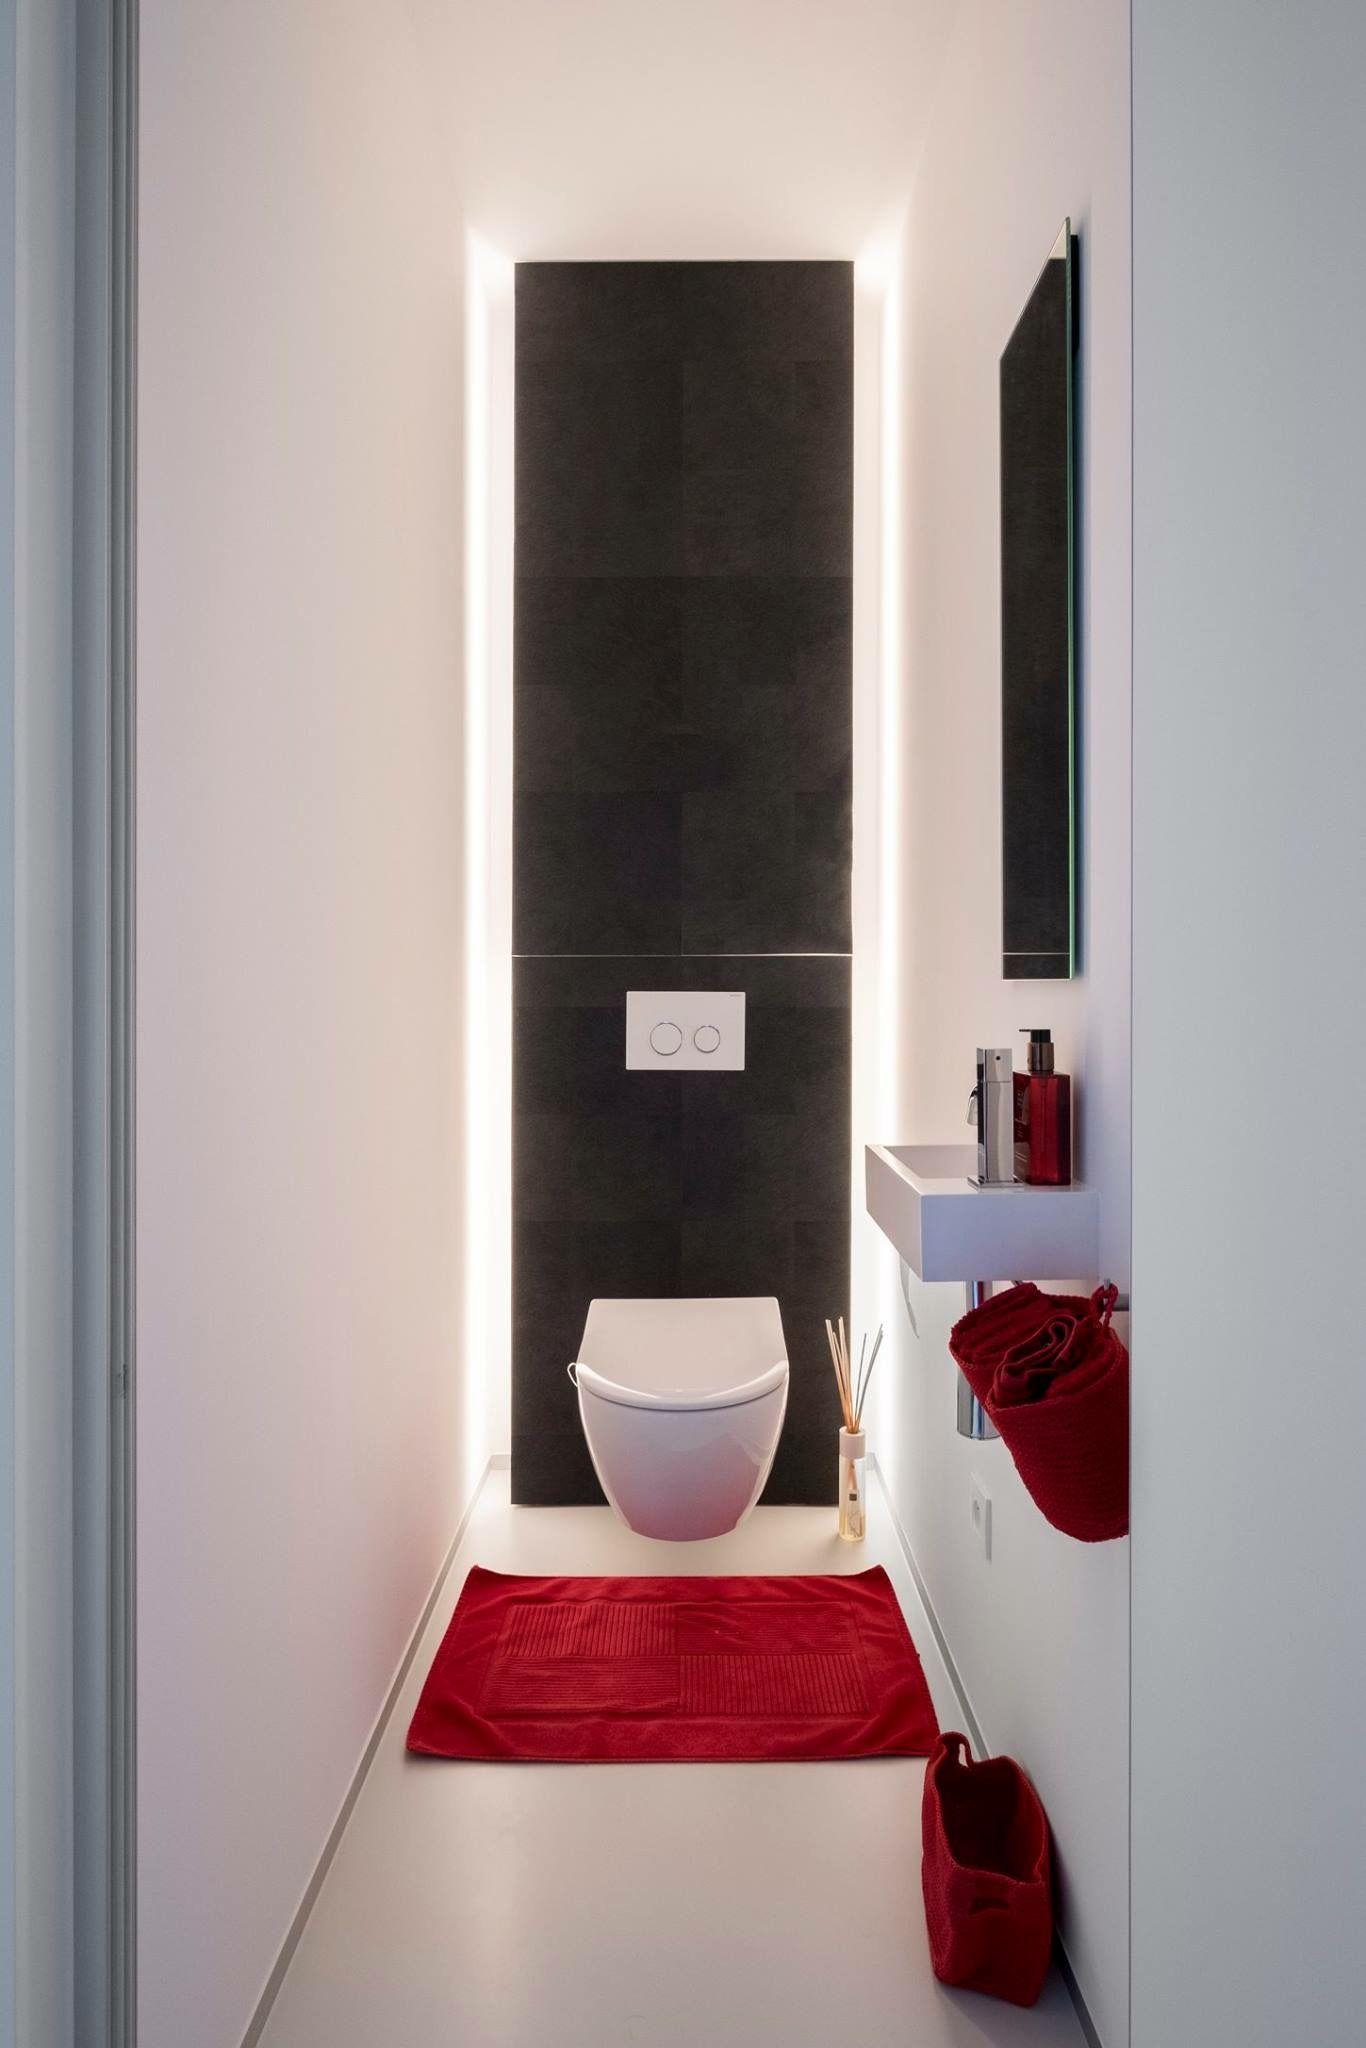 Zimmerklein In 2020 Kleine Toilette Design Wc Design Kleines Wc Zimmer